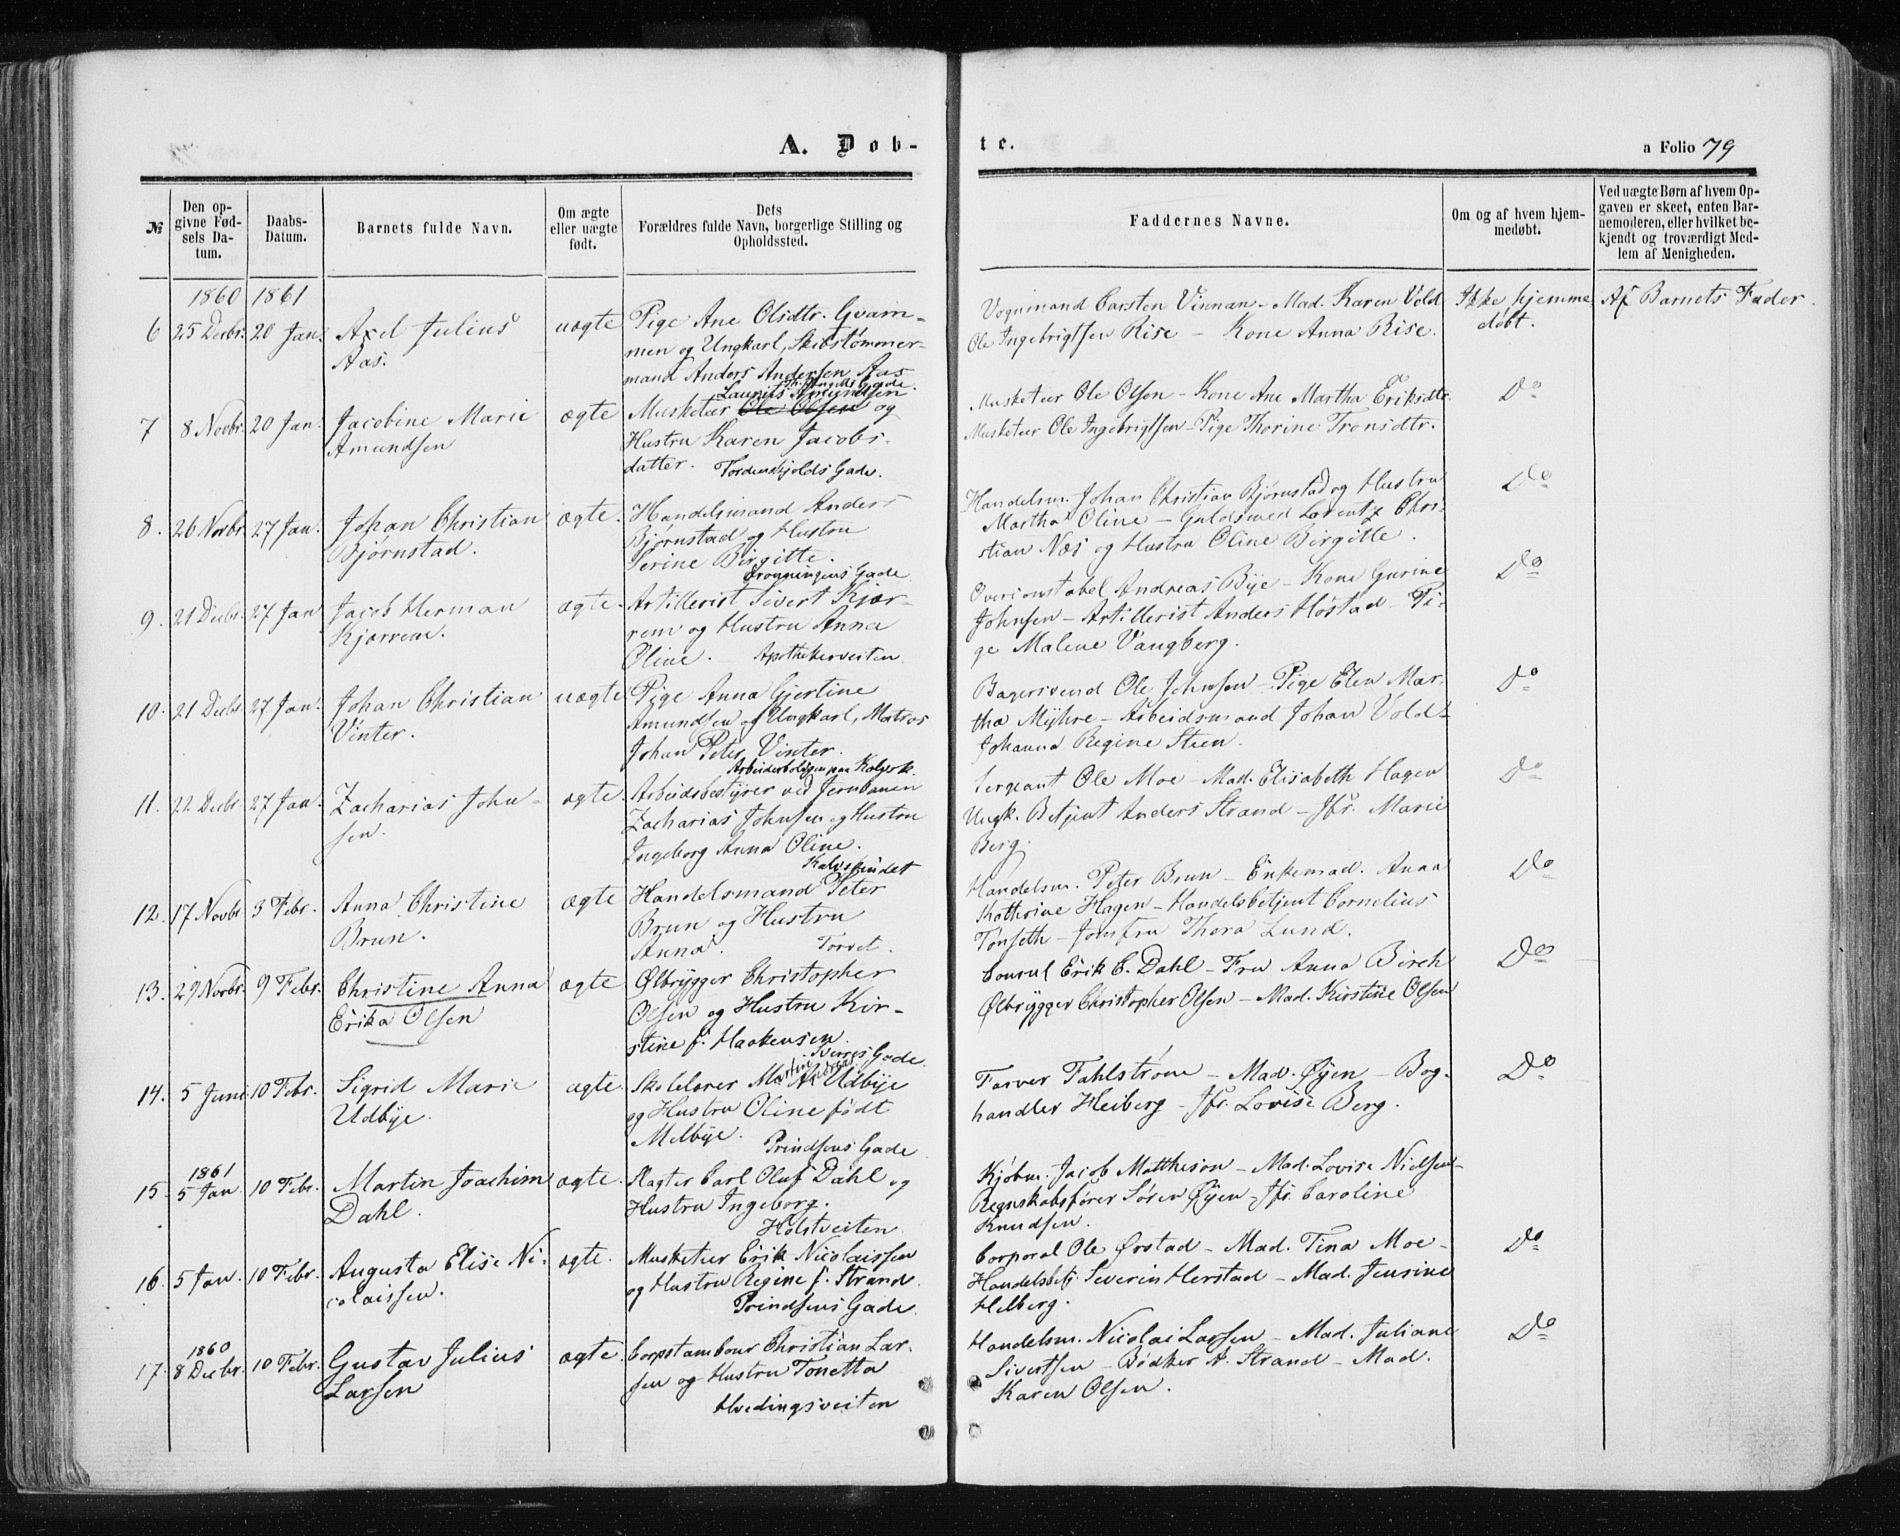 SAT, Ministerialprotokoller, klokkerbøker og fødselsregistre - Sør-Trøndelag, 601/L0053: Ministerialbok nr. 601A21, 1857-1865, s. 79